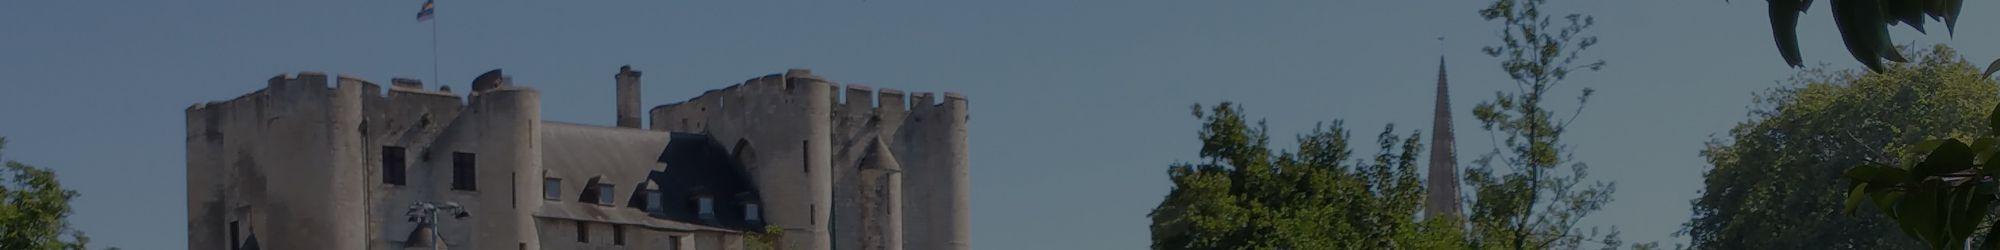 Château de Niort